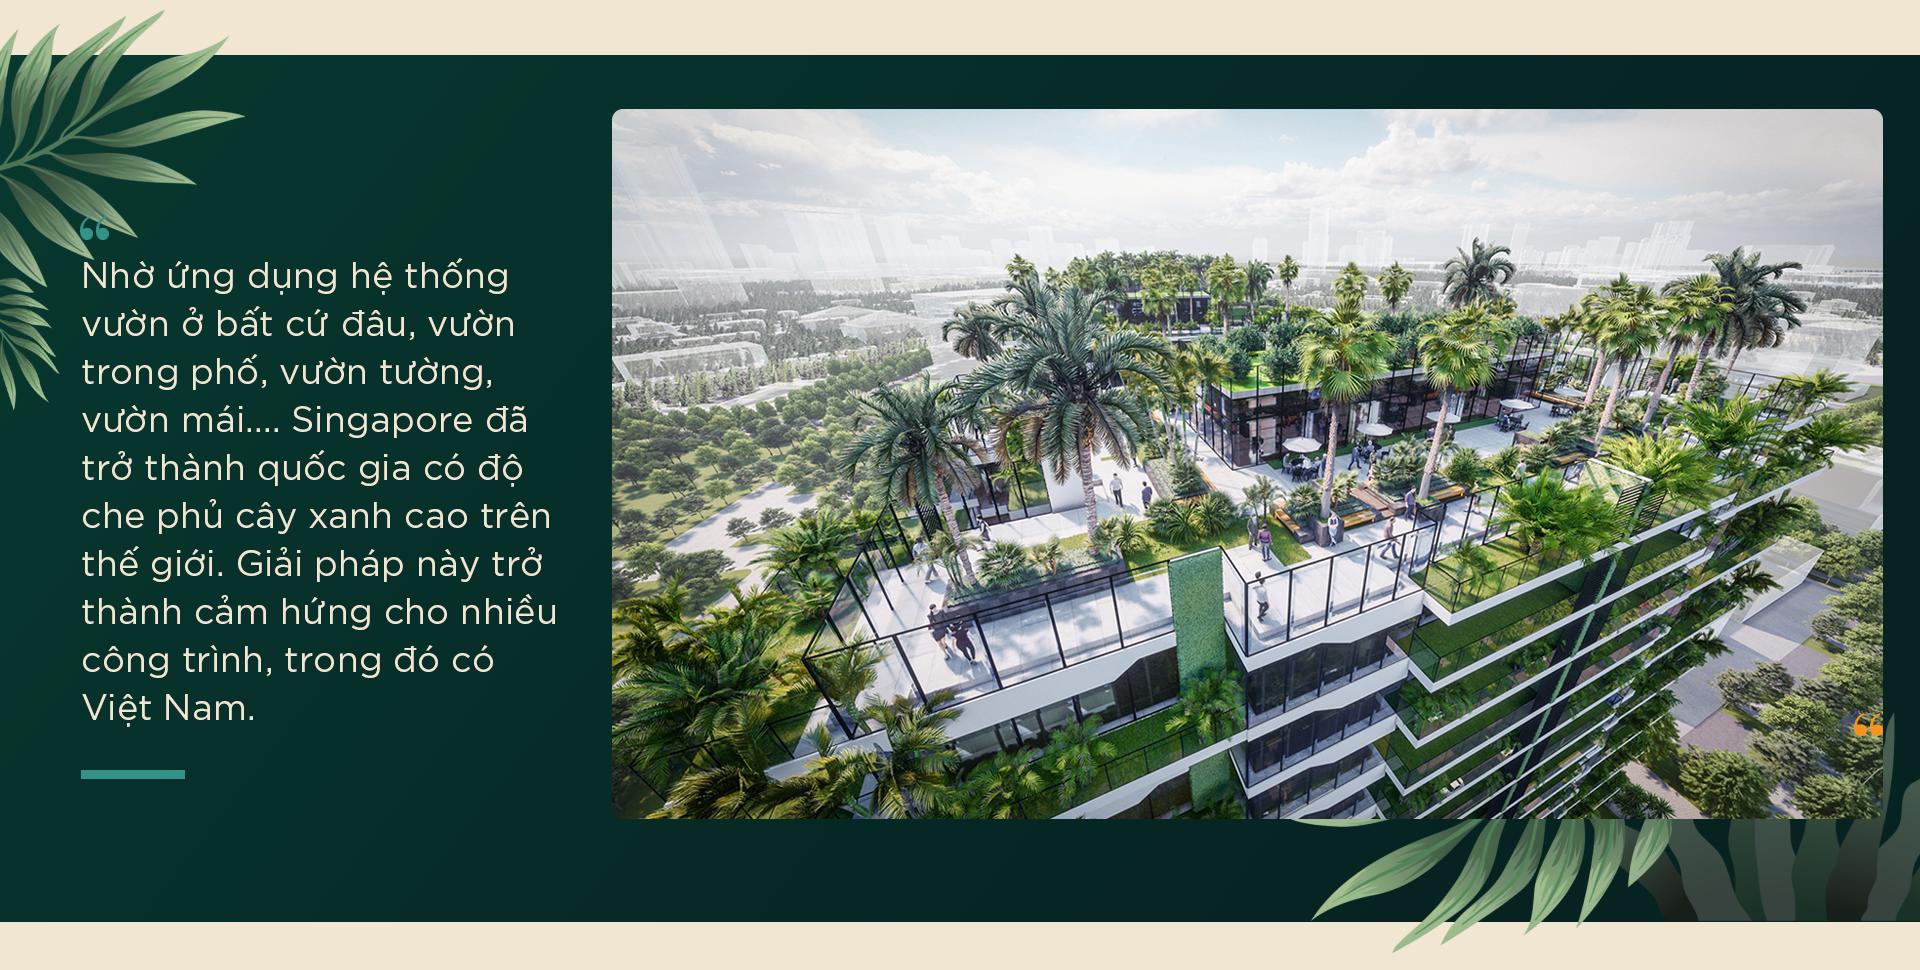 An cư nơi phố: Hơi thở resort xanh mướt và hơn thế nữa… - Ảnh 5.